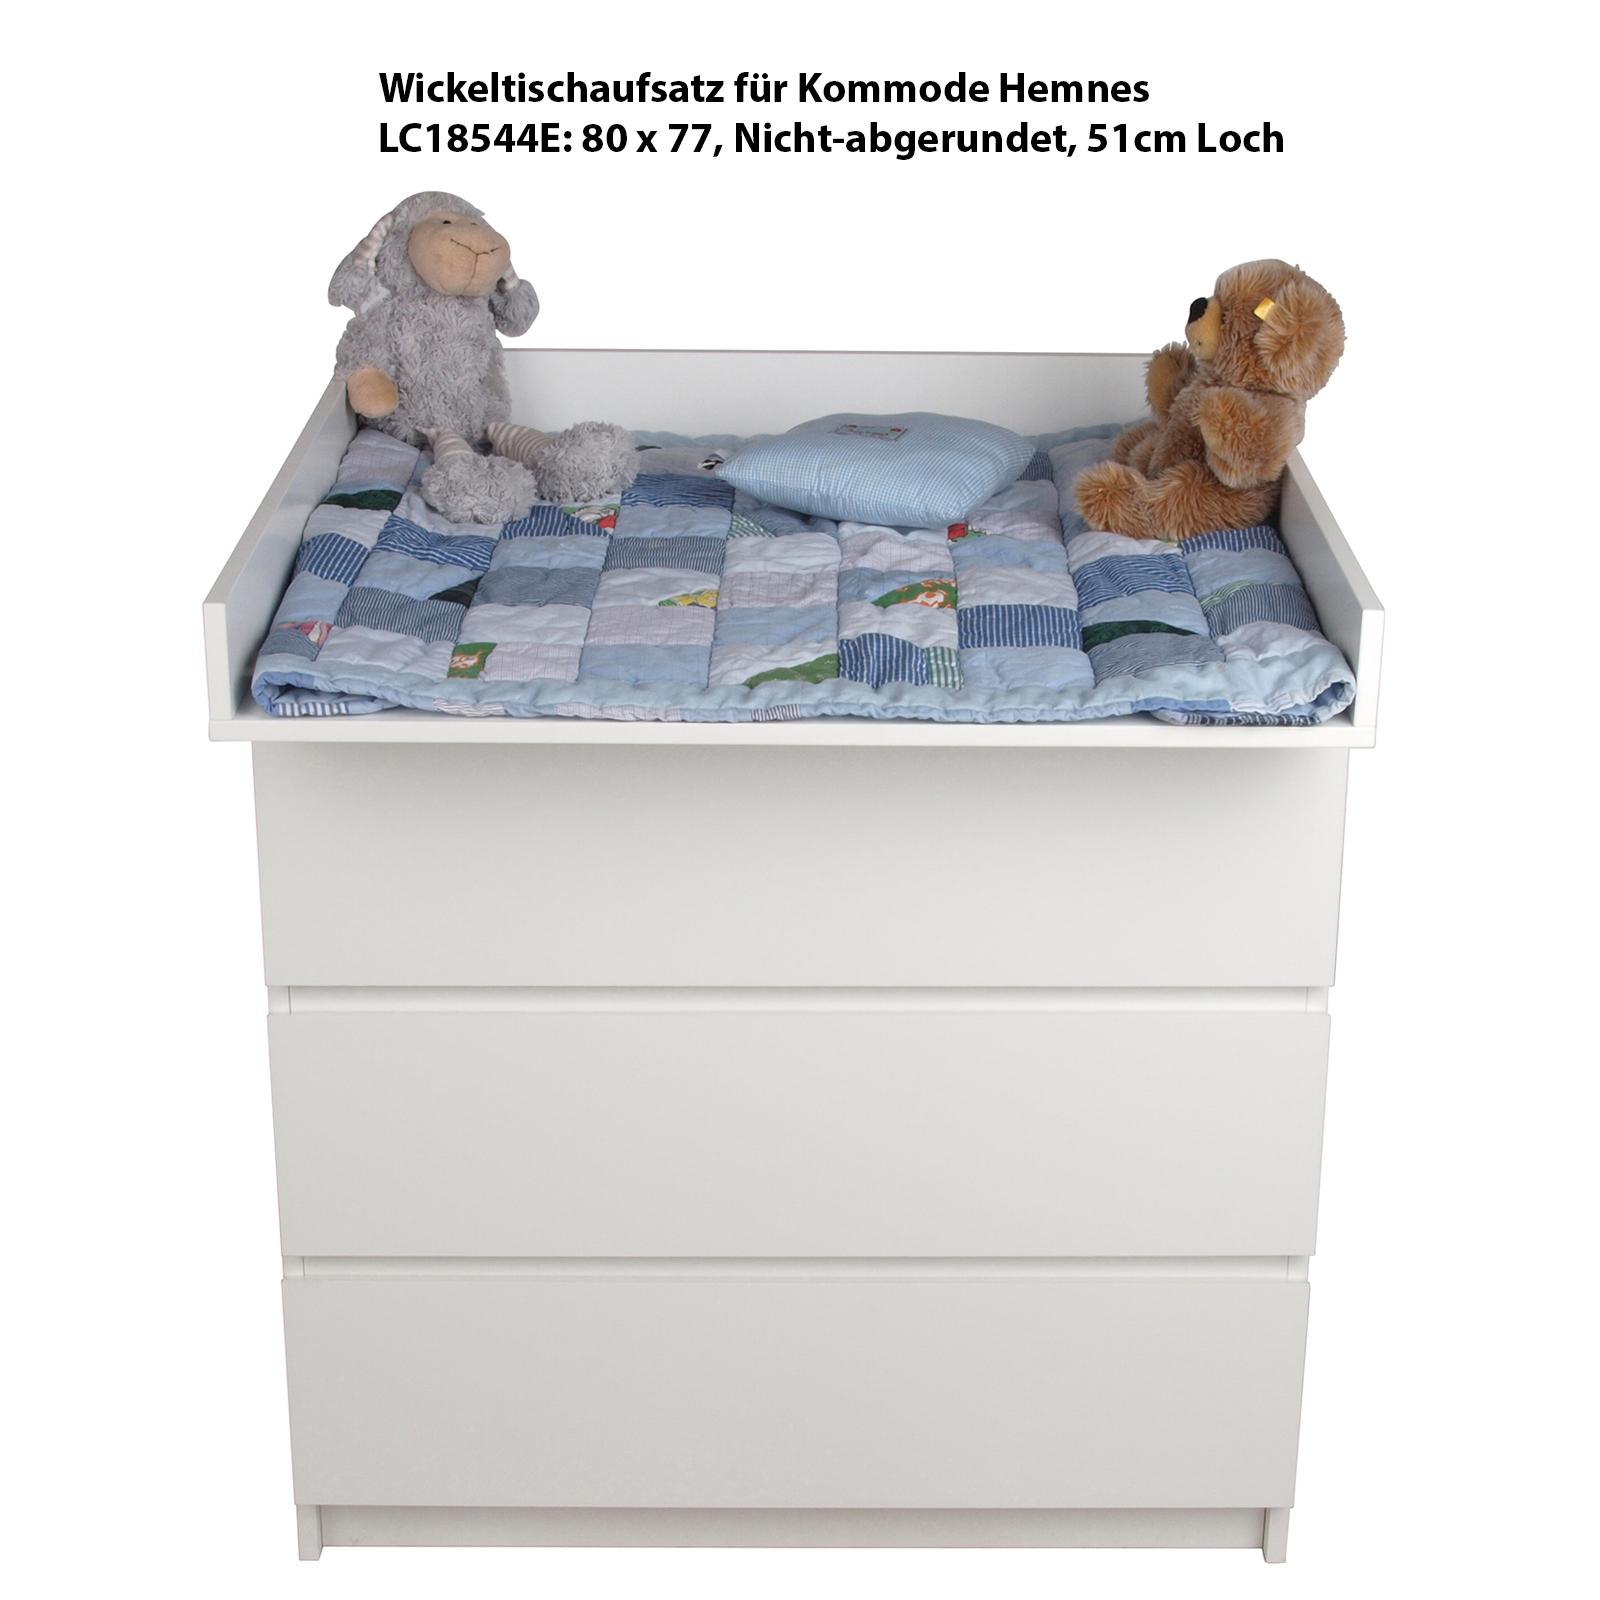 wickeltischaufsatz xxl wickelaufsatz f r ikea kommode malm. Black Bedroom Furniture Sets. Home Design Ideas